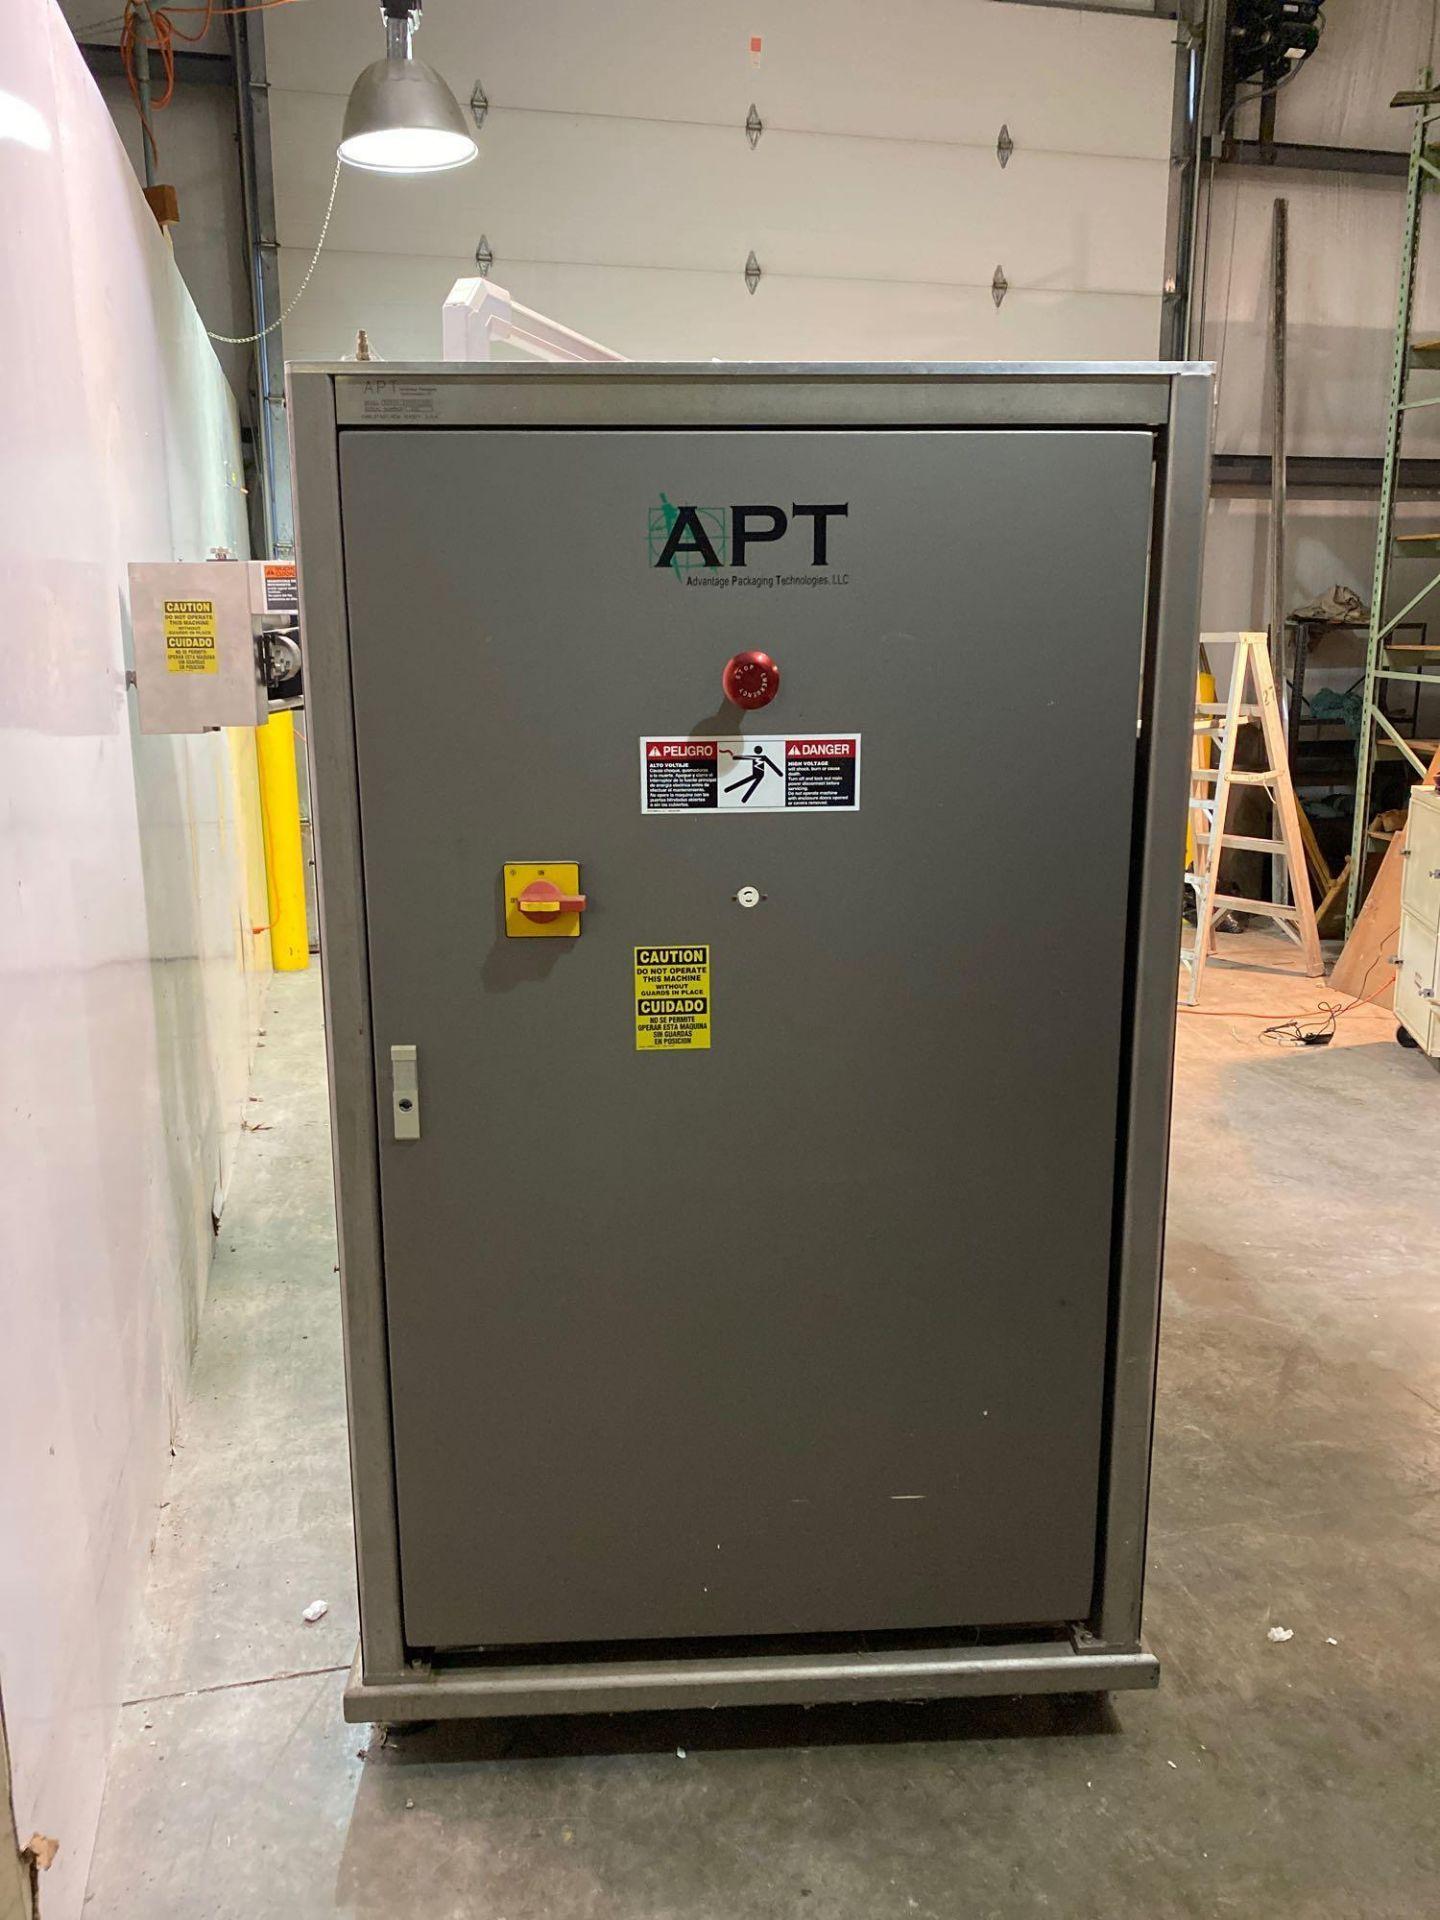 APT Packaging Foil Packaging Machine - Image 24 of 27